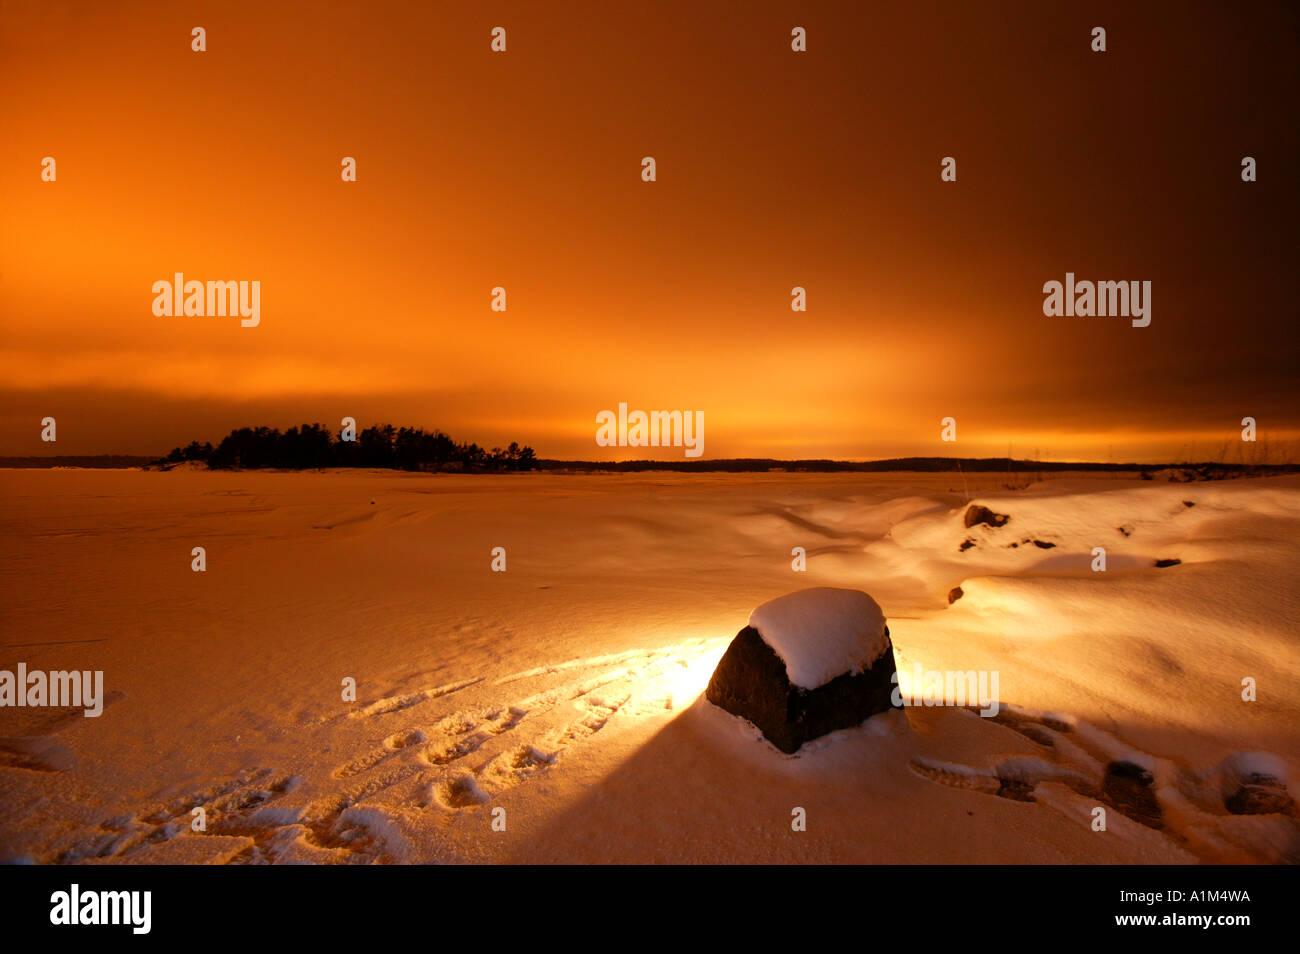 Winternacht auf der Insel Brattholmen in den See Vansjø, Råde Kommune, Østfold Fylke, Norwegen. Stockbild